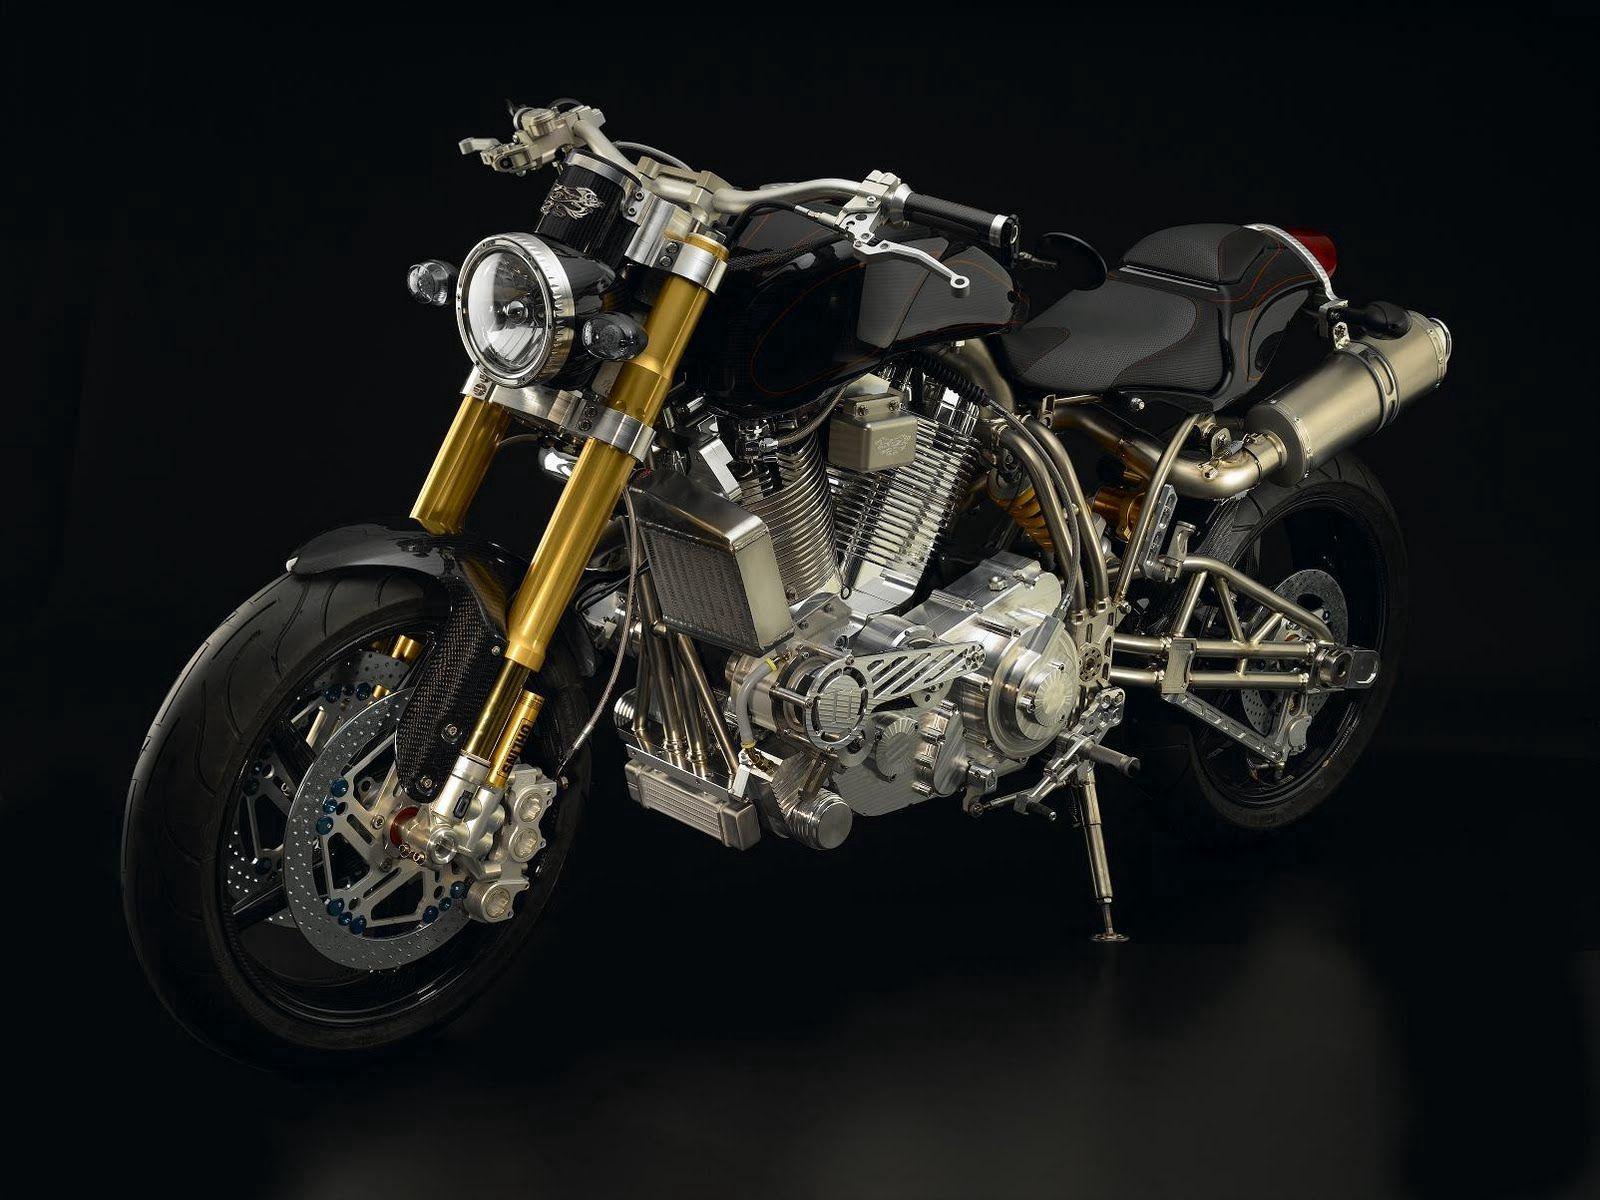 110130 Hintergrundbild herunterladen Motorräder, Motorrad, Ecosse Ketzerisches Titan, Ecosse Ketzer Titan, Ecosse Moto Funktioniert, Das Teuerste Motorrad Der Welt - Bildschirmschoner und Bilder kostenlos